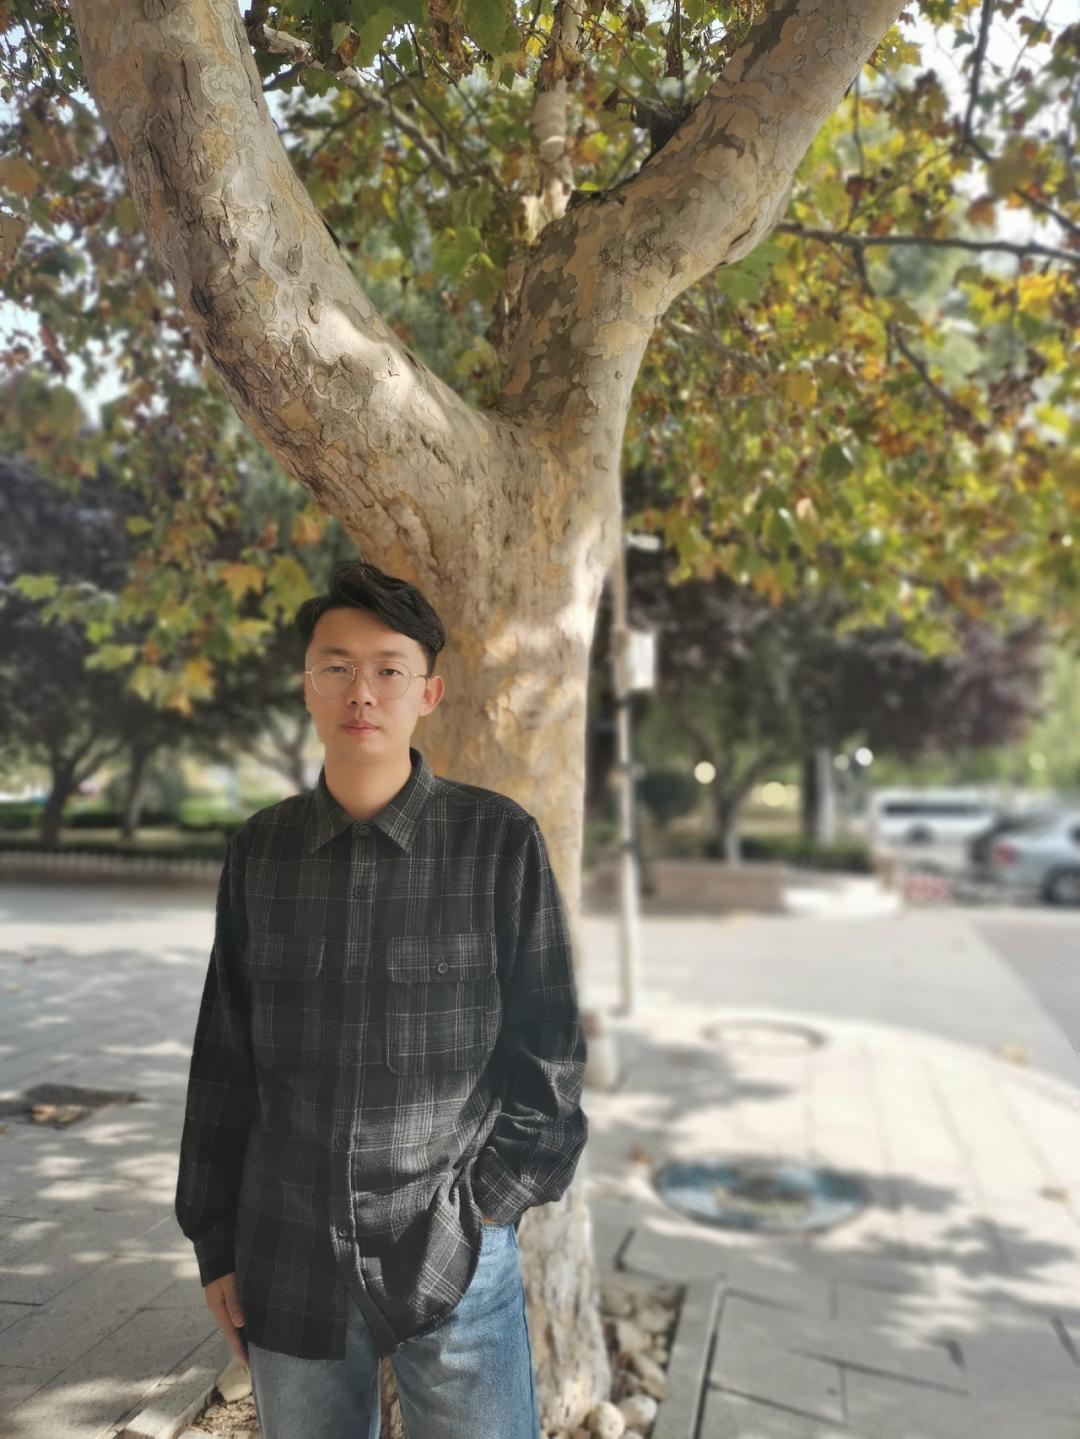 青大保研人物马晓伟 | 保持积极状态,全面协调发展图片